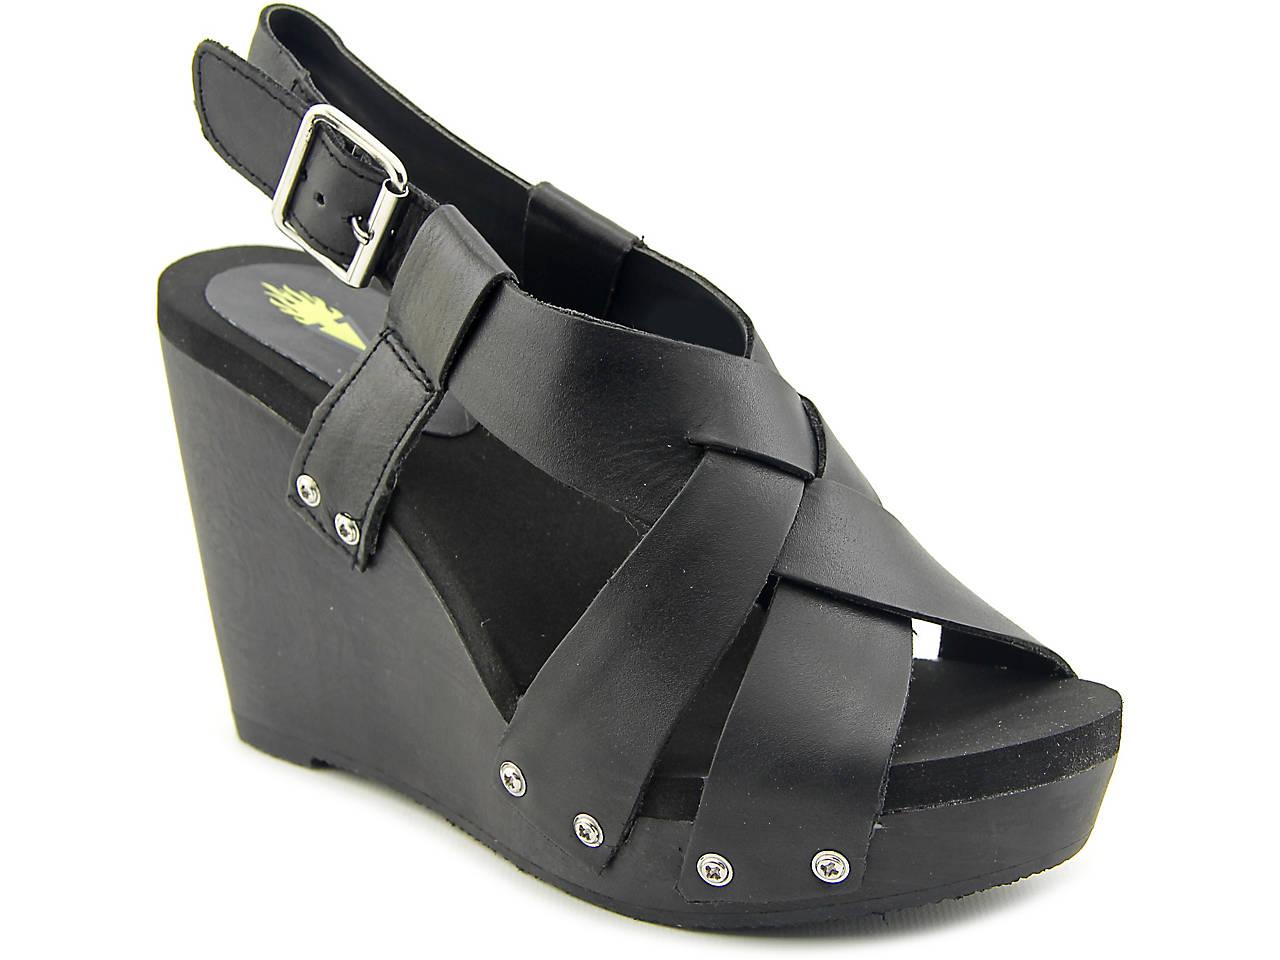 1ef7c0bdb Volatile Contemp Wedge Sandal - FINAL SALE Women s Shoes